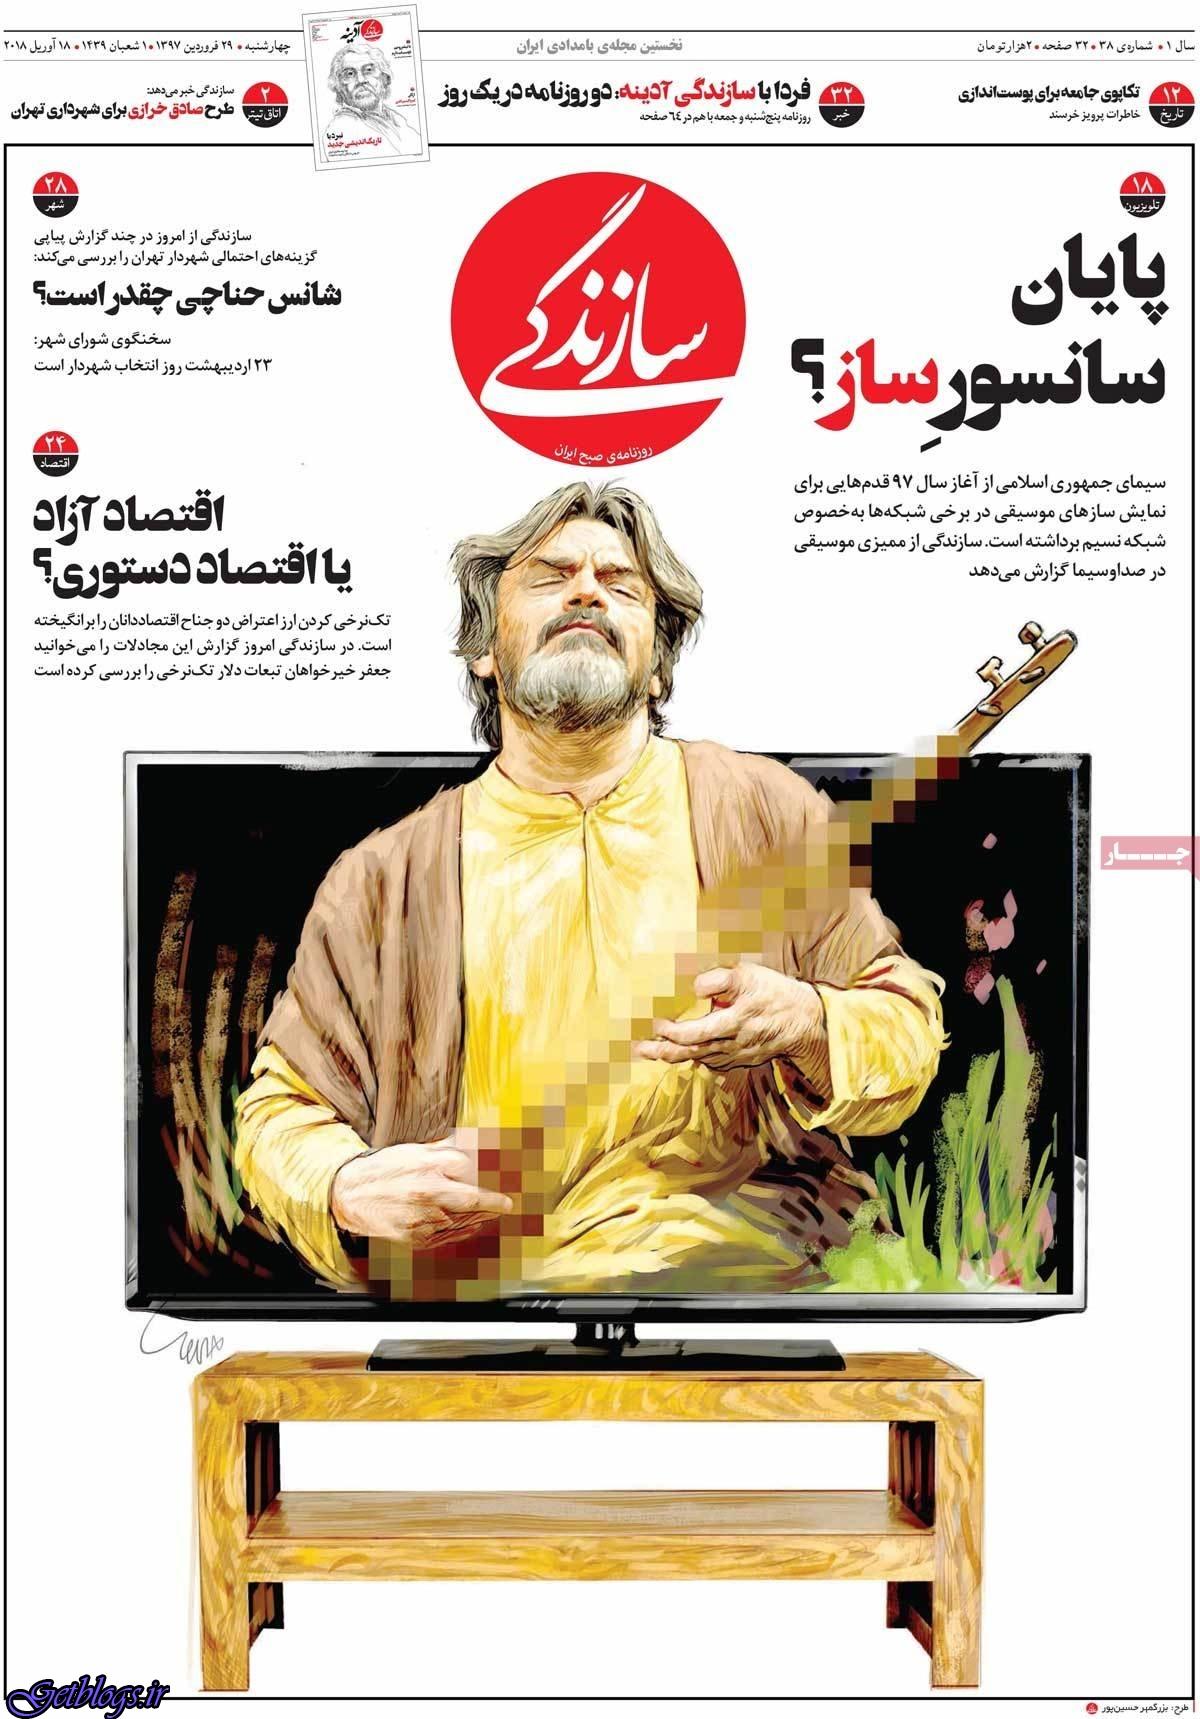 تيتر روزنامه هاي چهارشنبه 29فروردین 1397